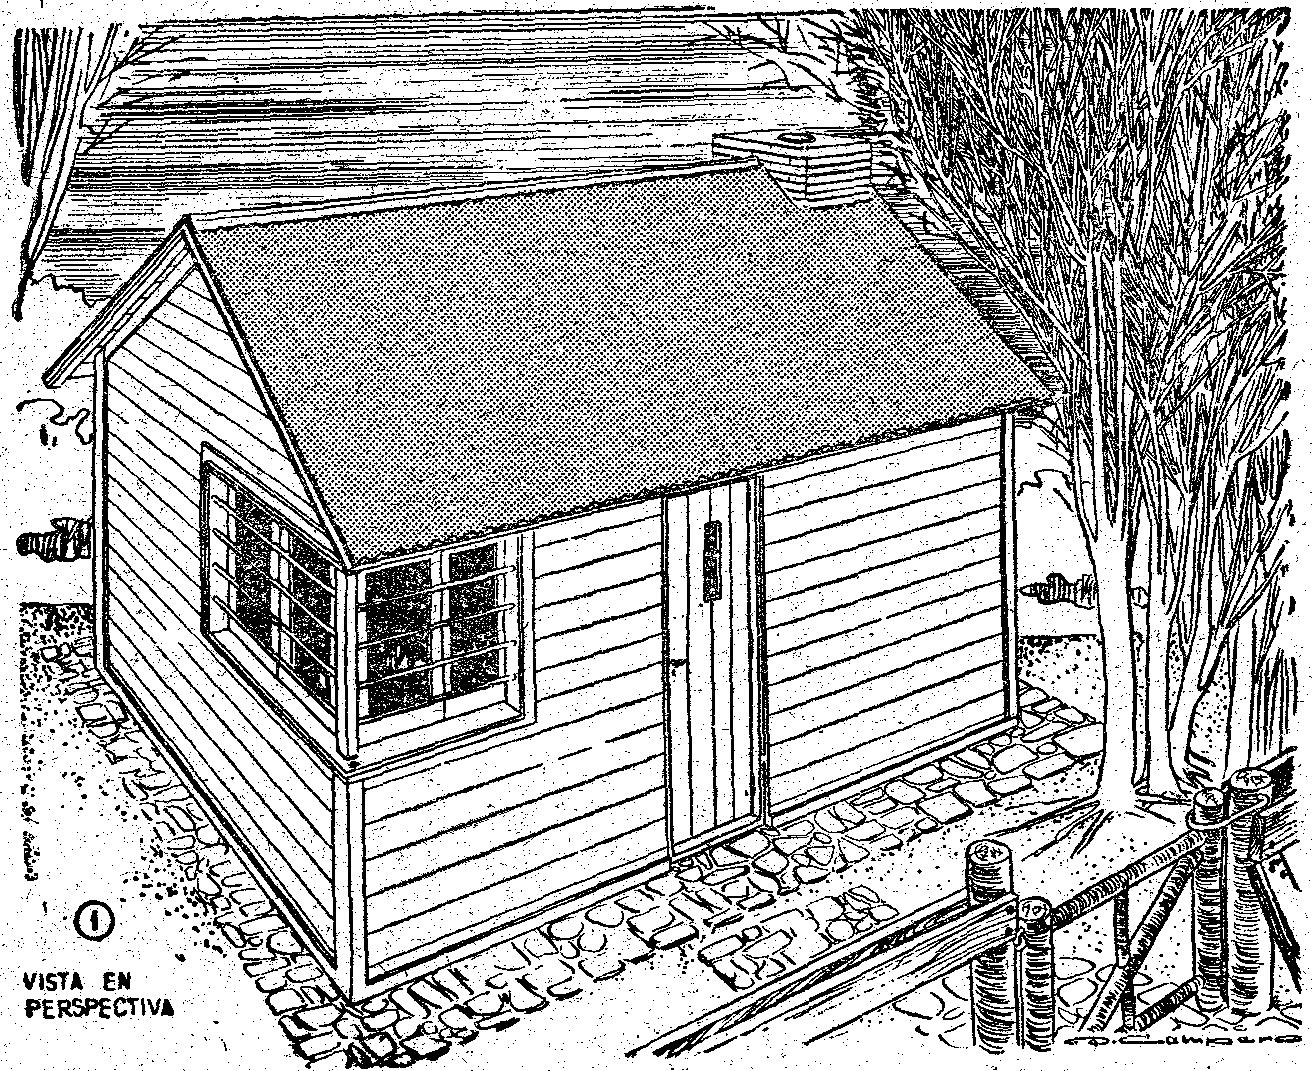 Como construir una casa de madera peque a y ampliable - Ideas para construir mi casa ...